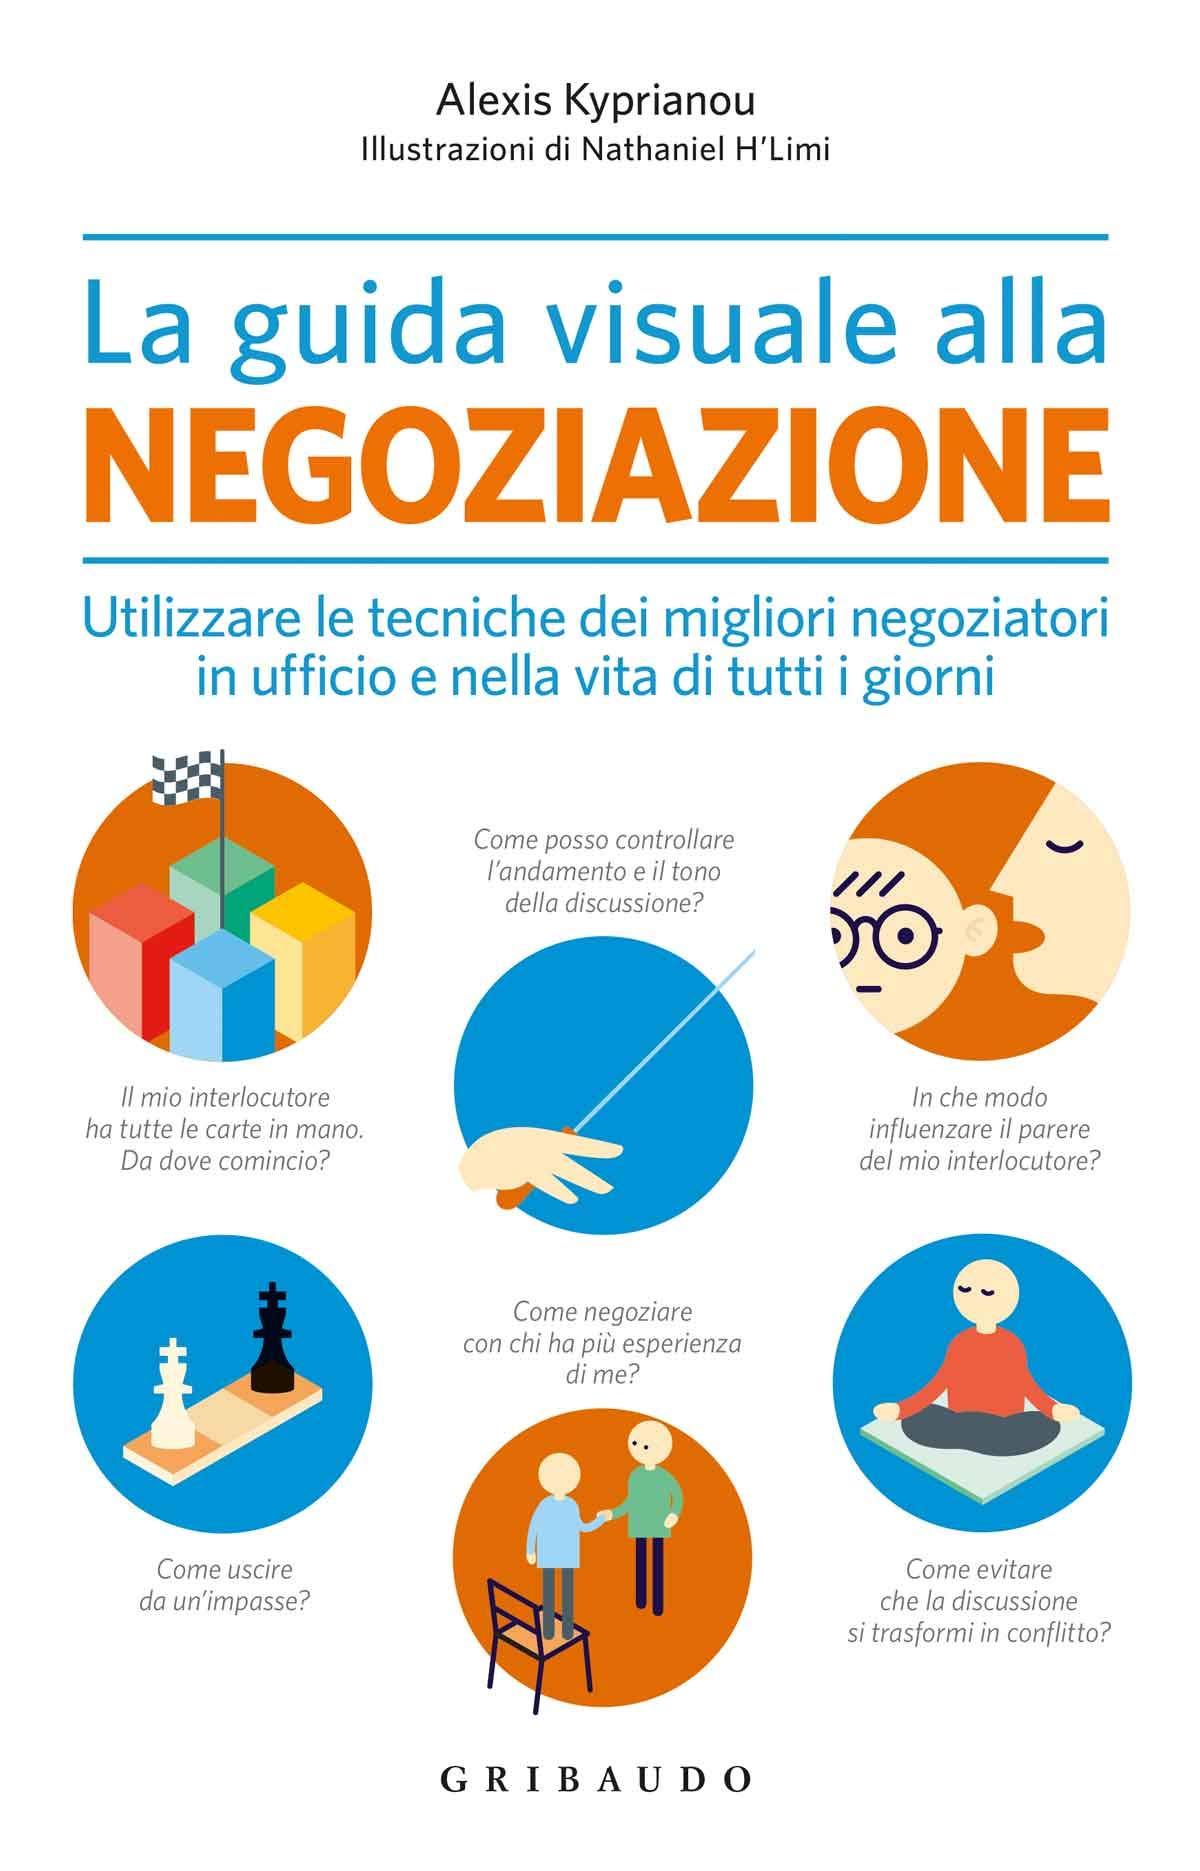 La guida visuale alla negoziazione